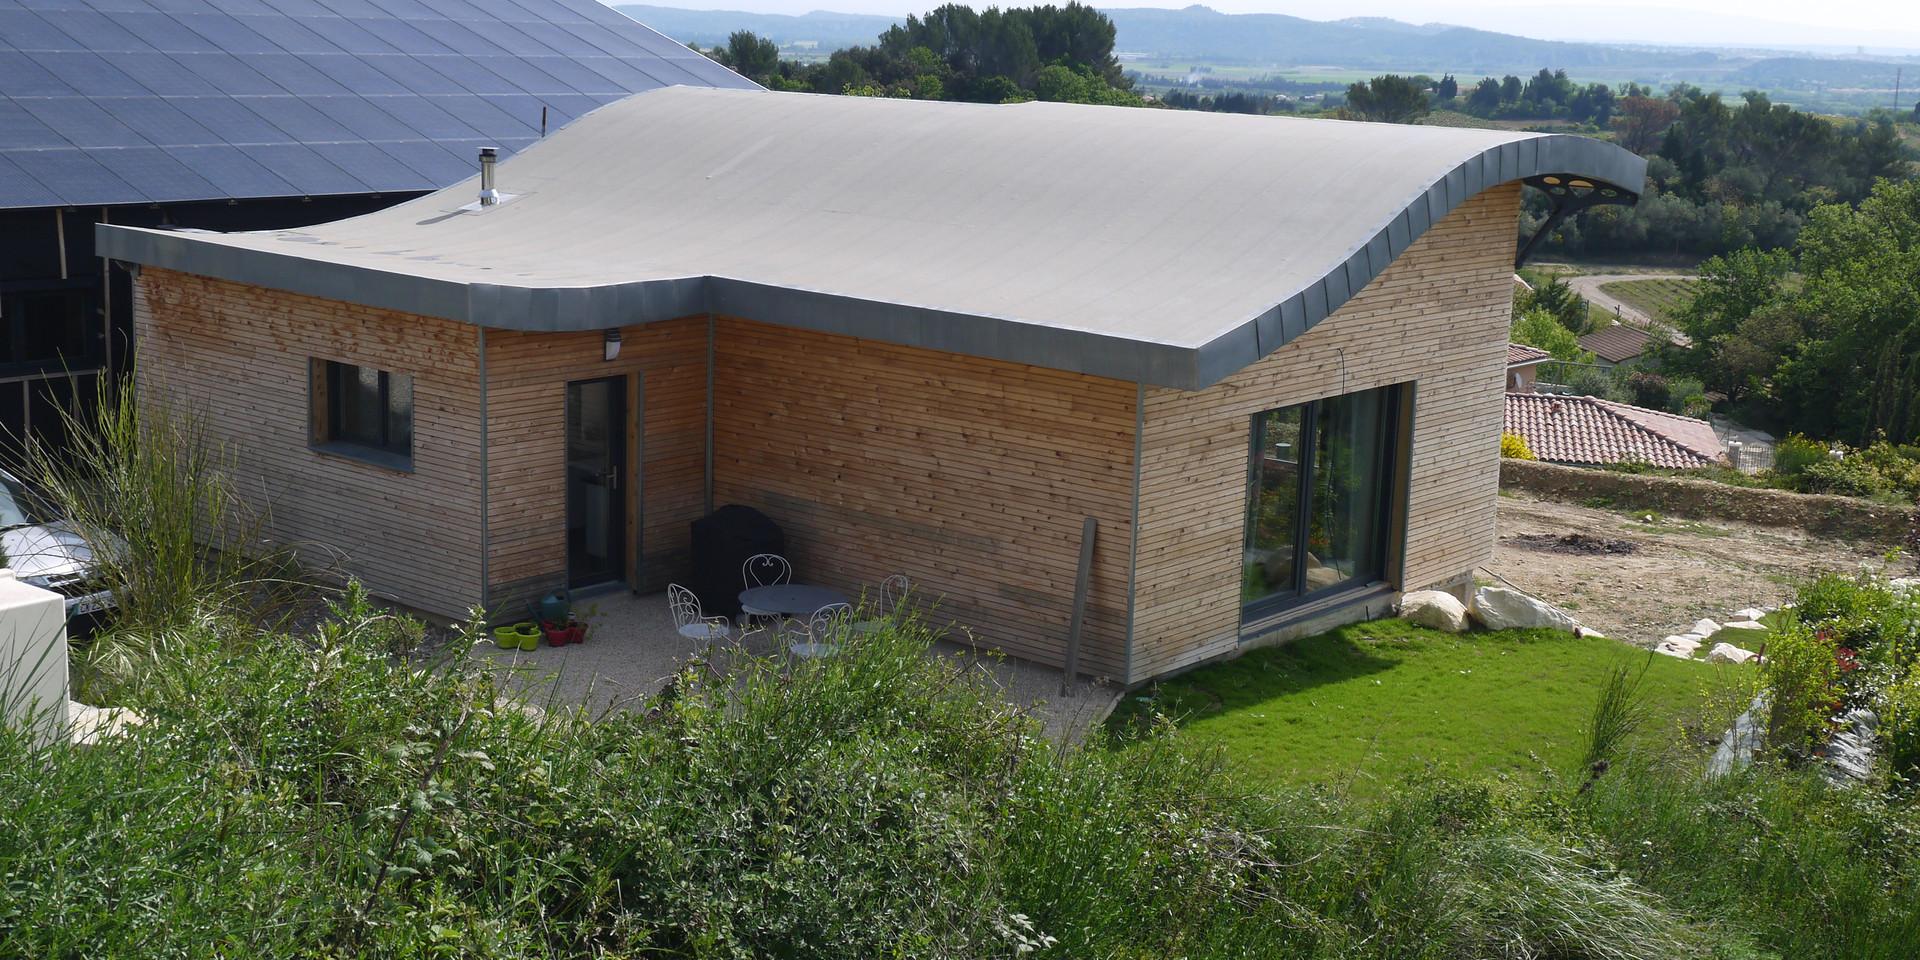 Maison solaire de rochefort gard